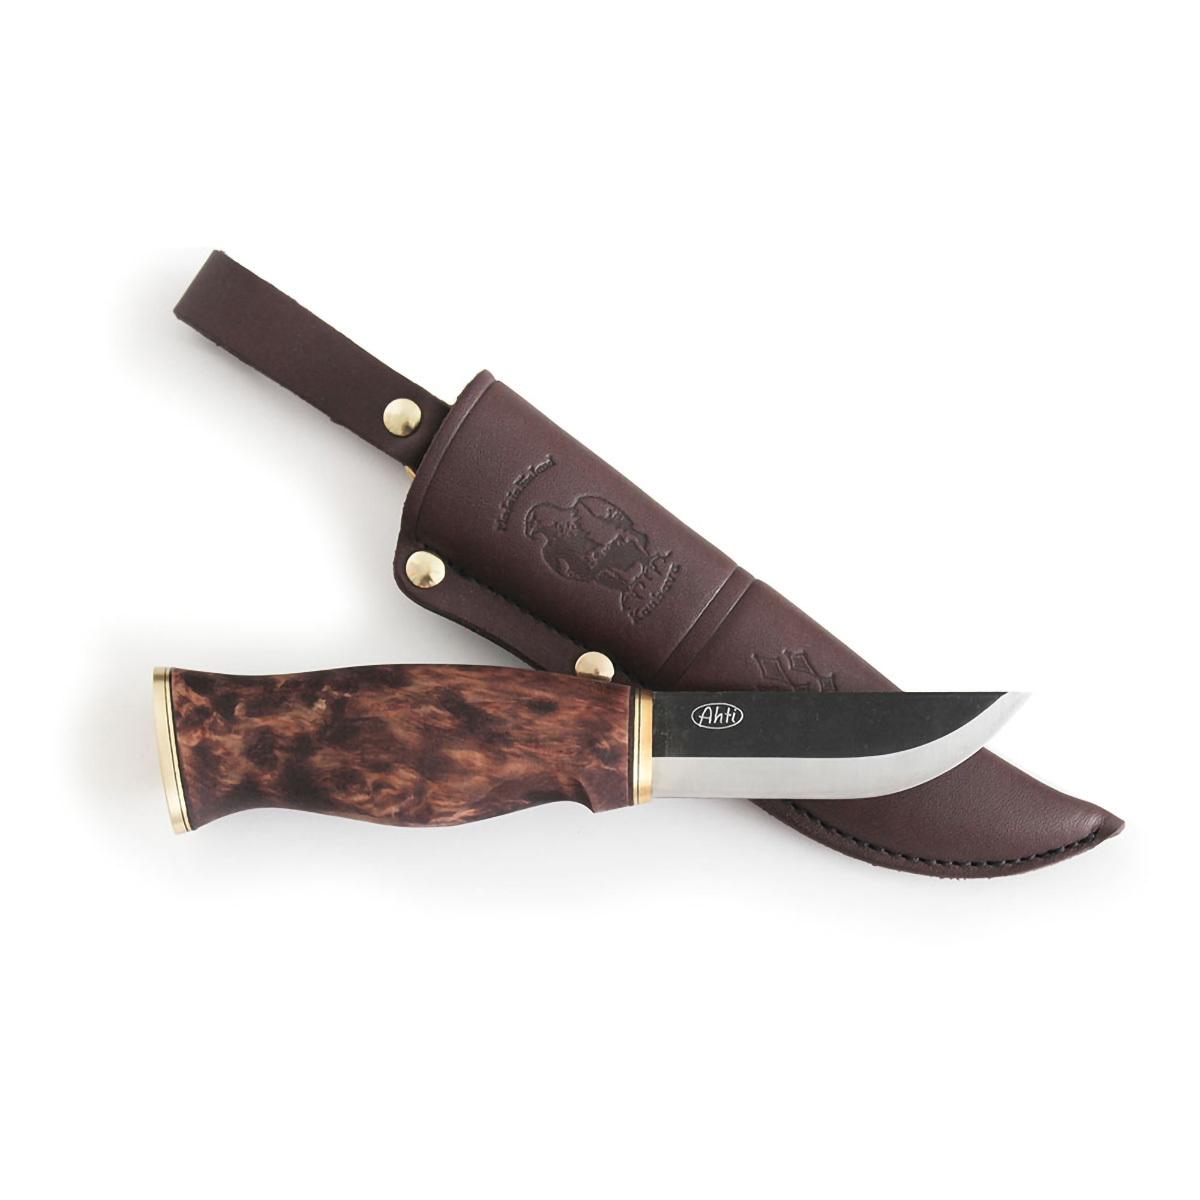 Нож Ahti Puukko Leuku 90, финская береза, сталь W75